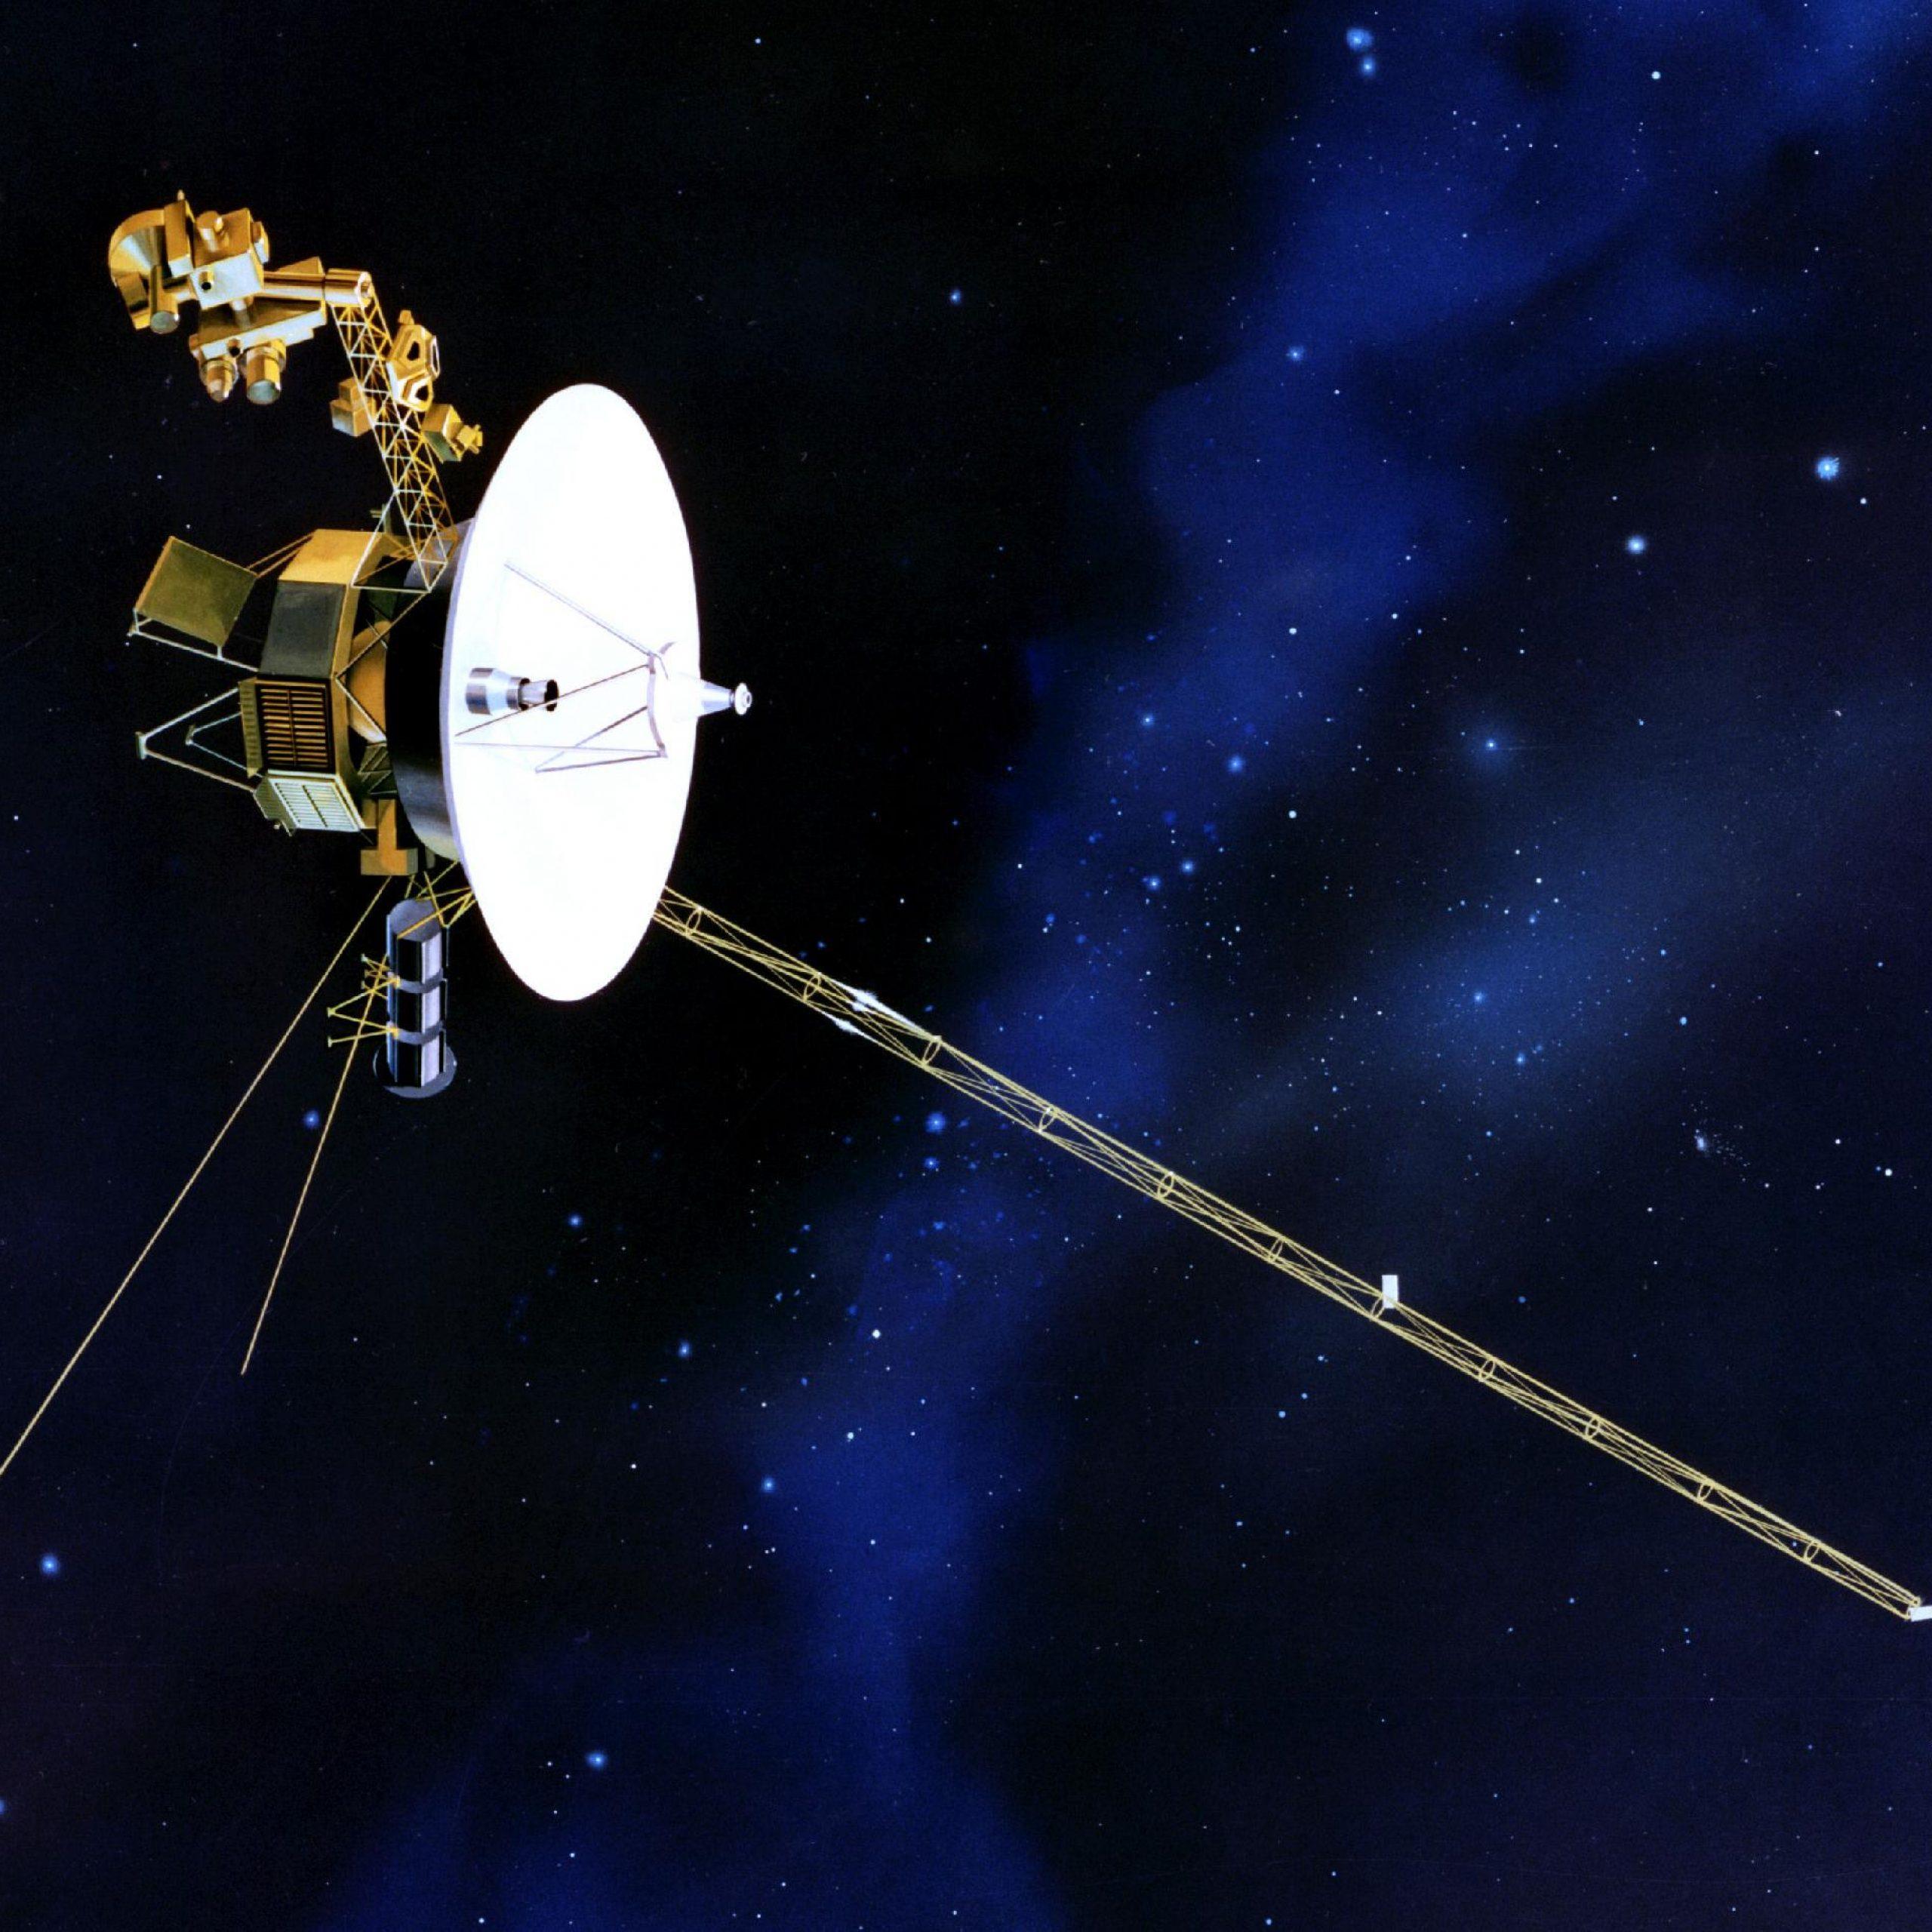 Voyager 2 está prestes a perder contato com a Terra